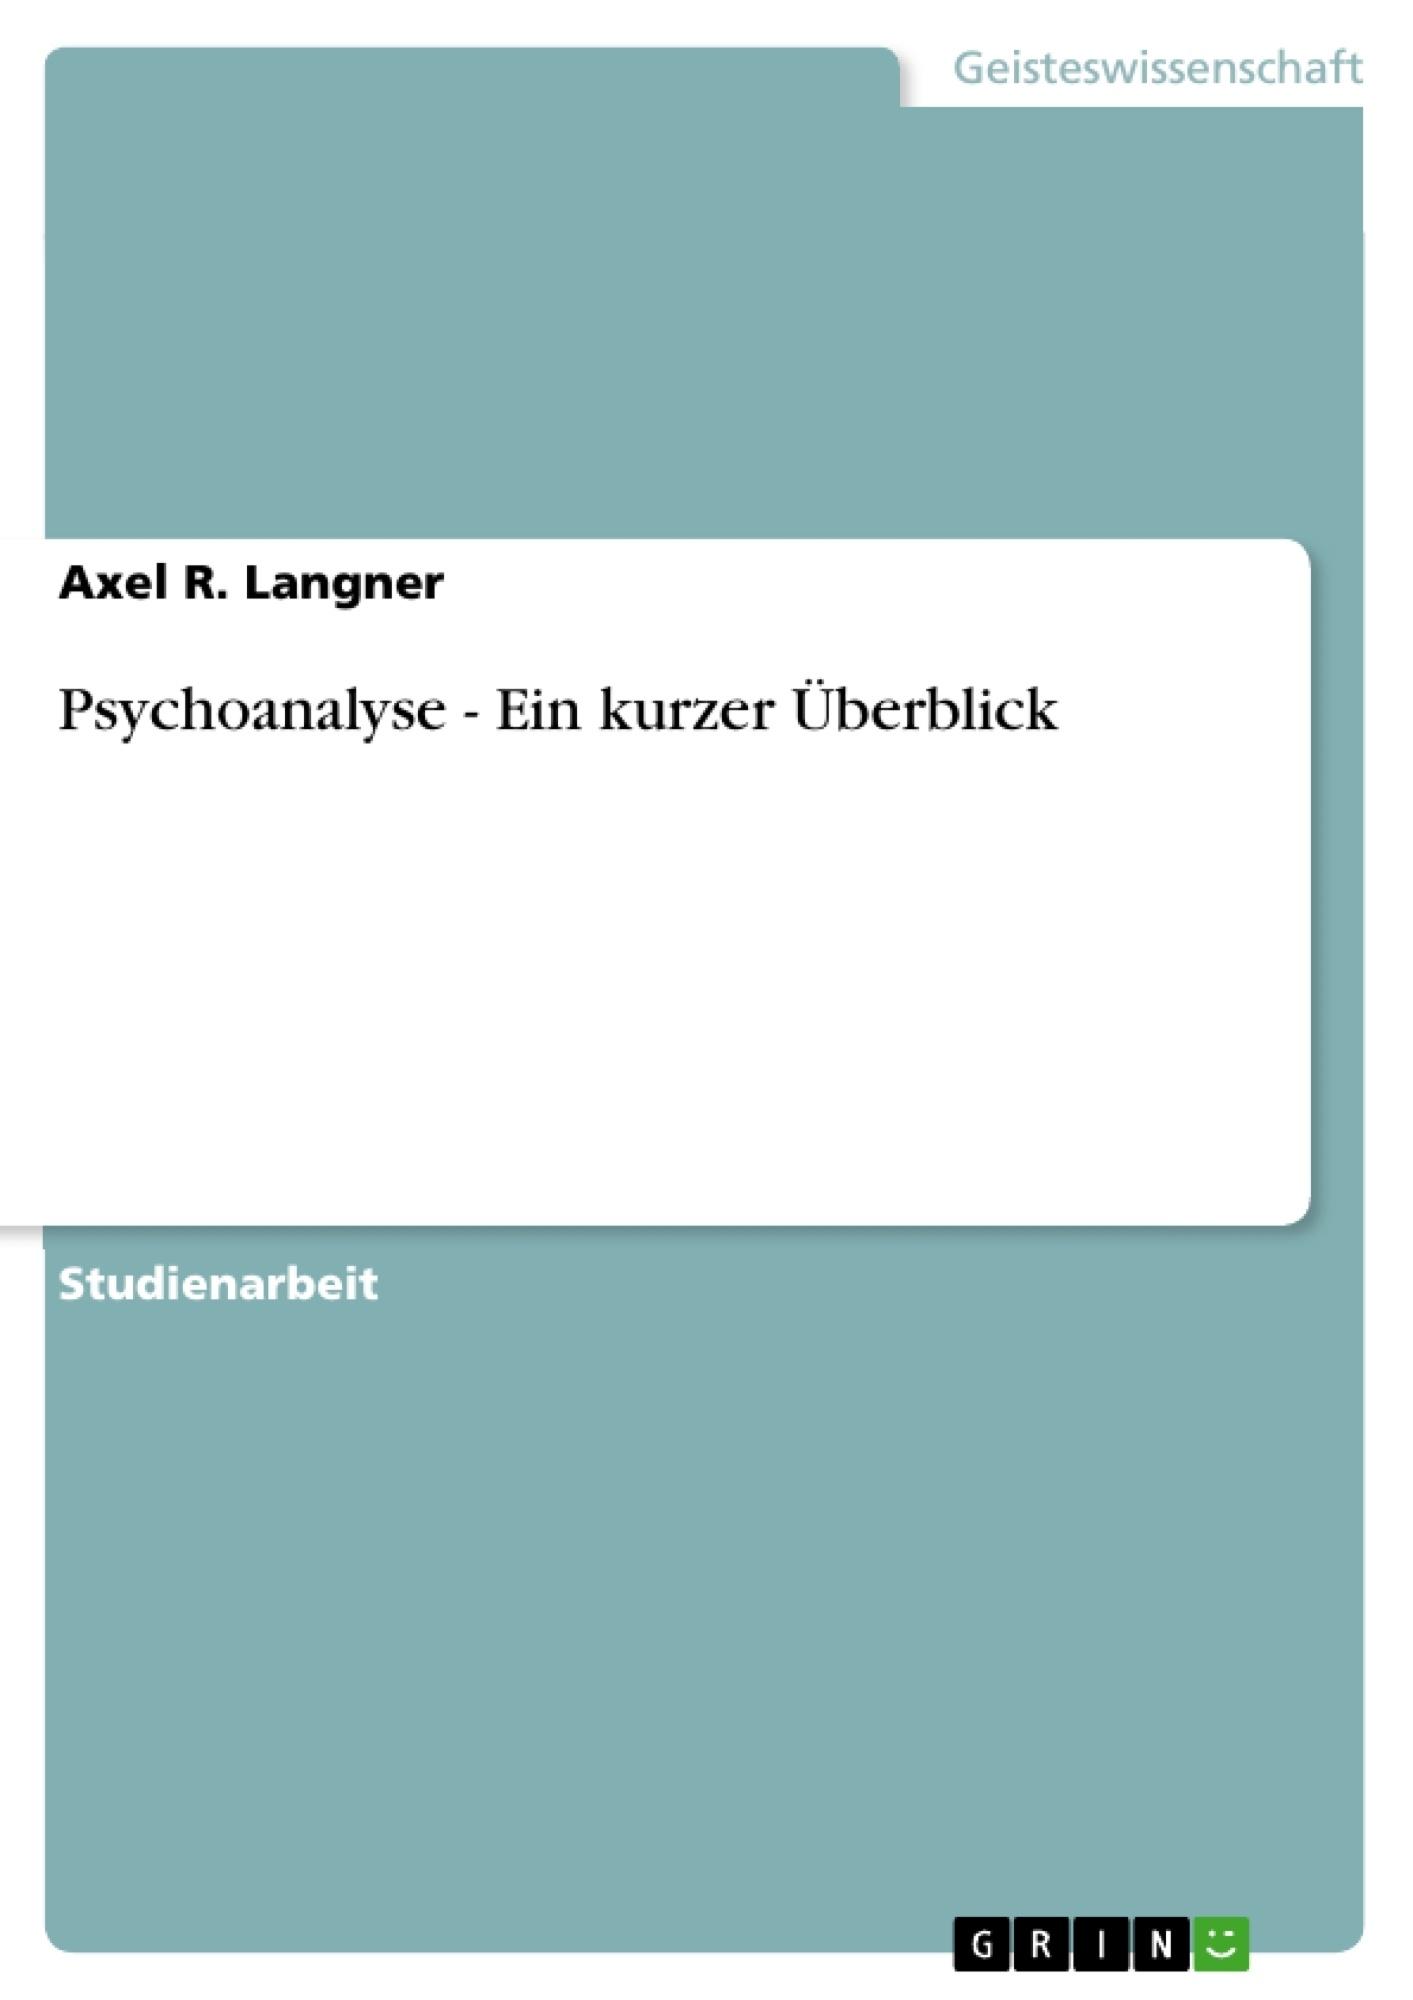 Titel: Psychoanalyse - Ein kurzer Überblick